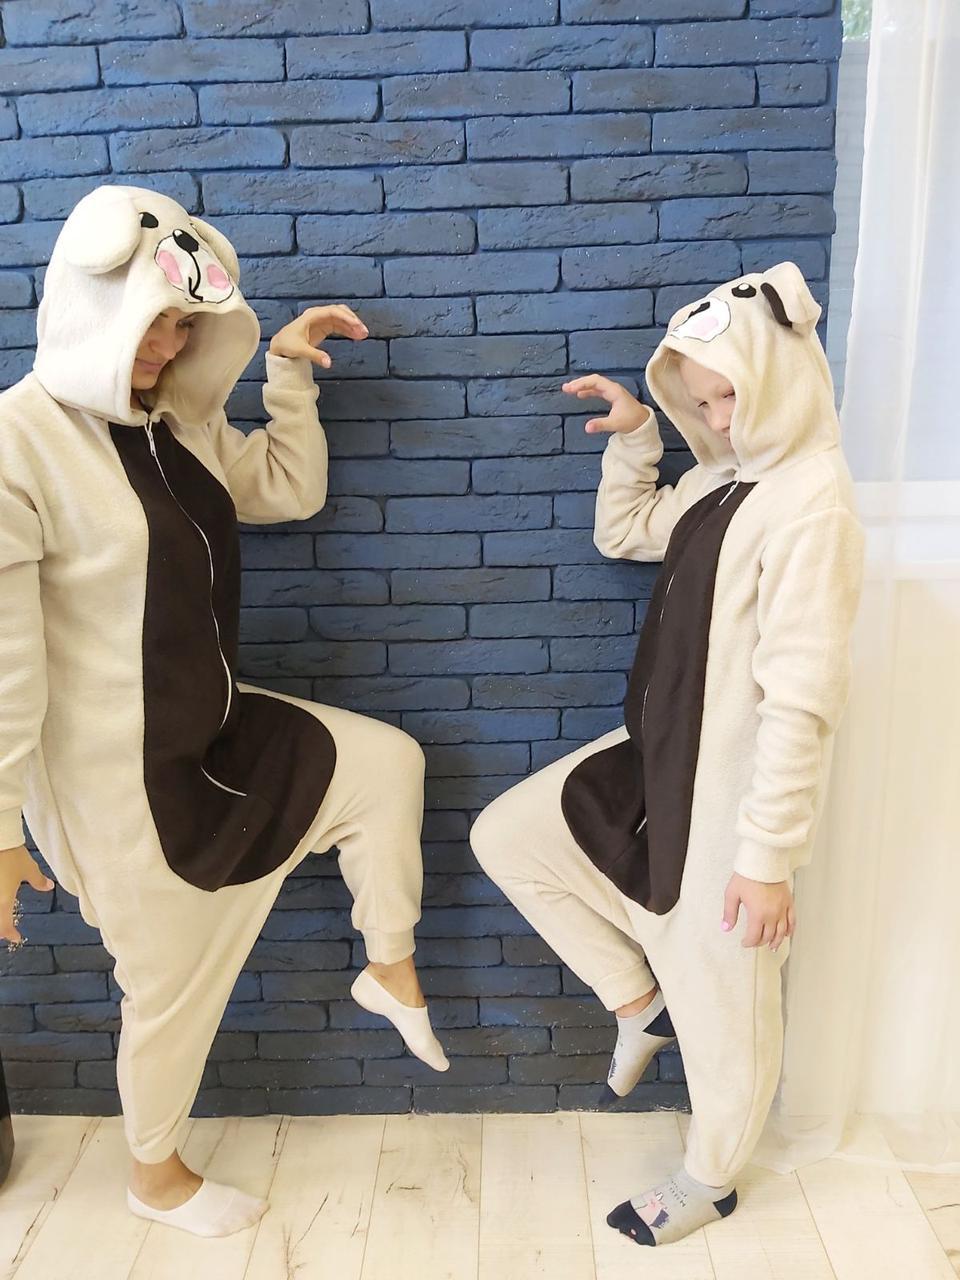 Пижама Кигуруми Медведь для детей и взрослых от Украинского производителя Размер 110-128 см